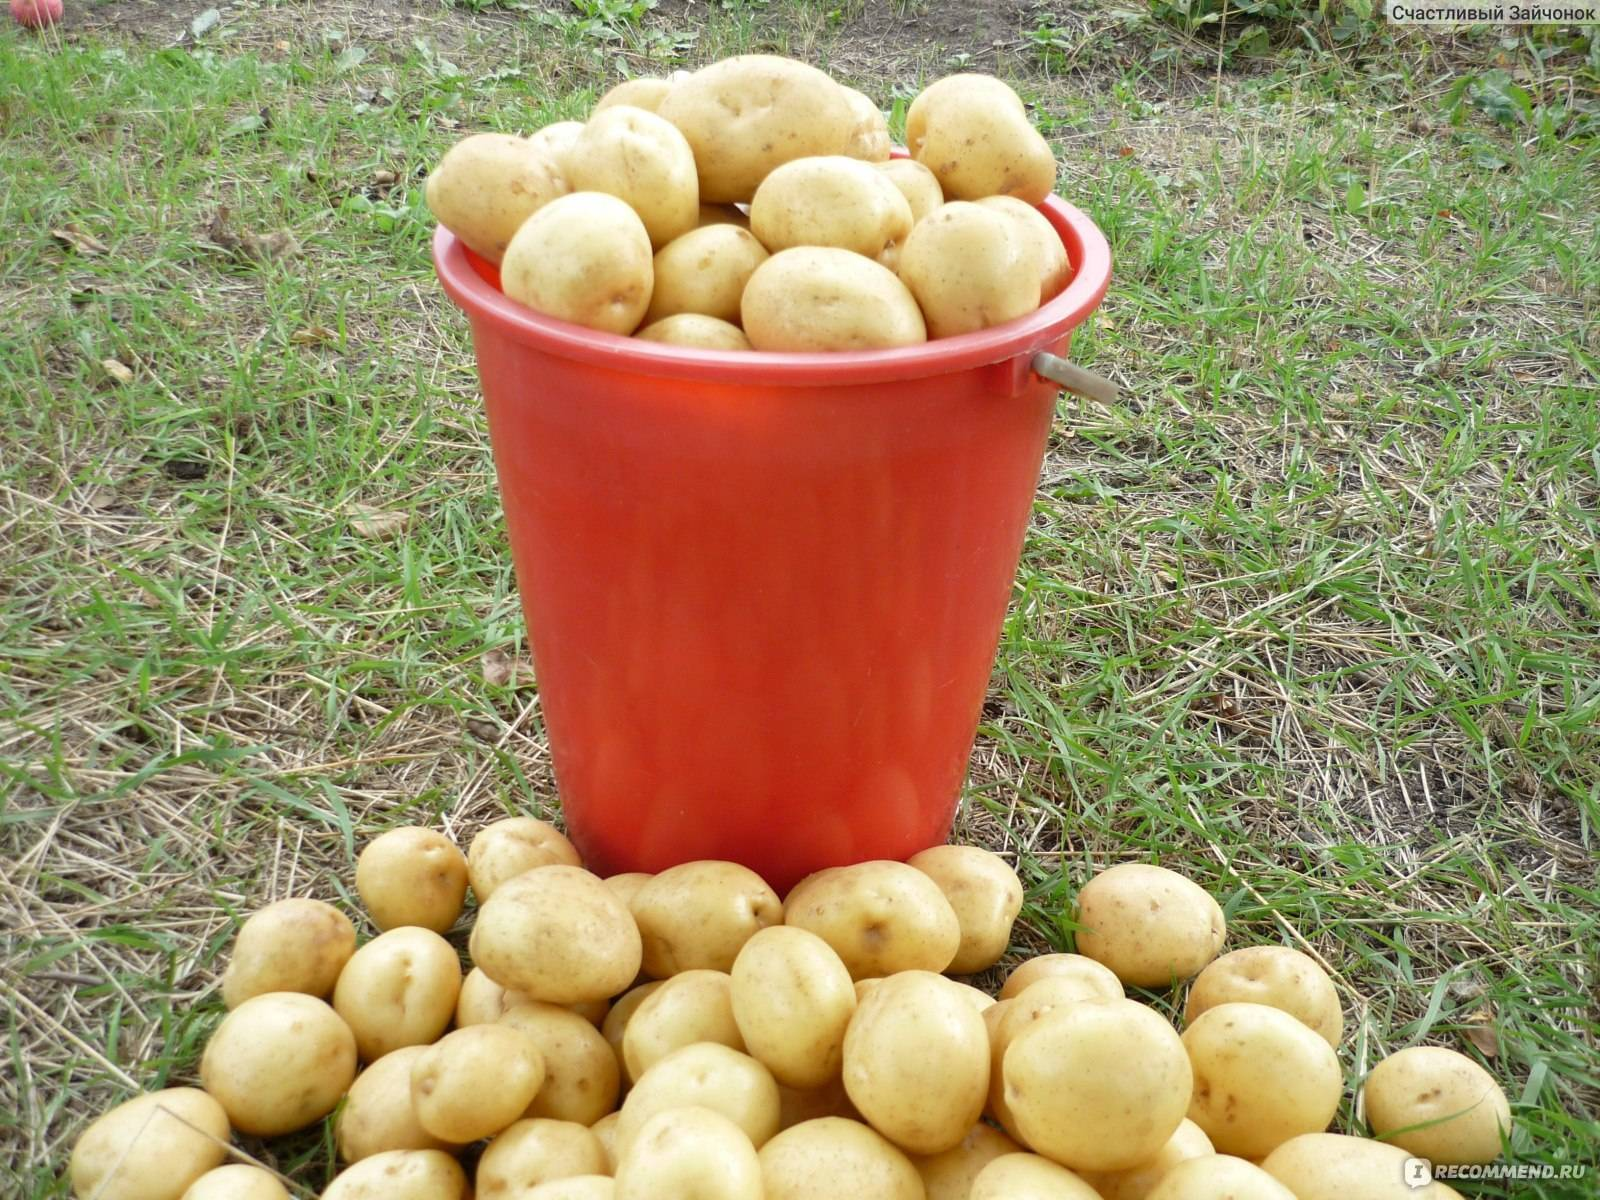 Картофель красавчик: описание и характеристика, отзывы